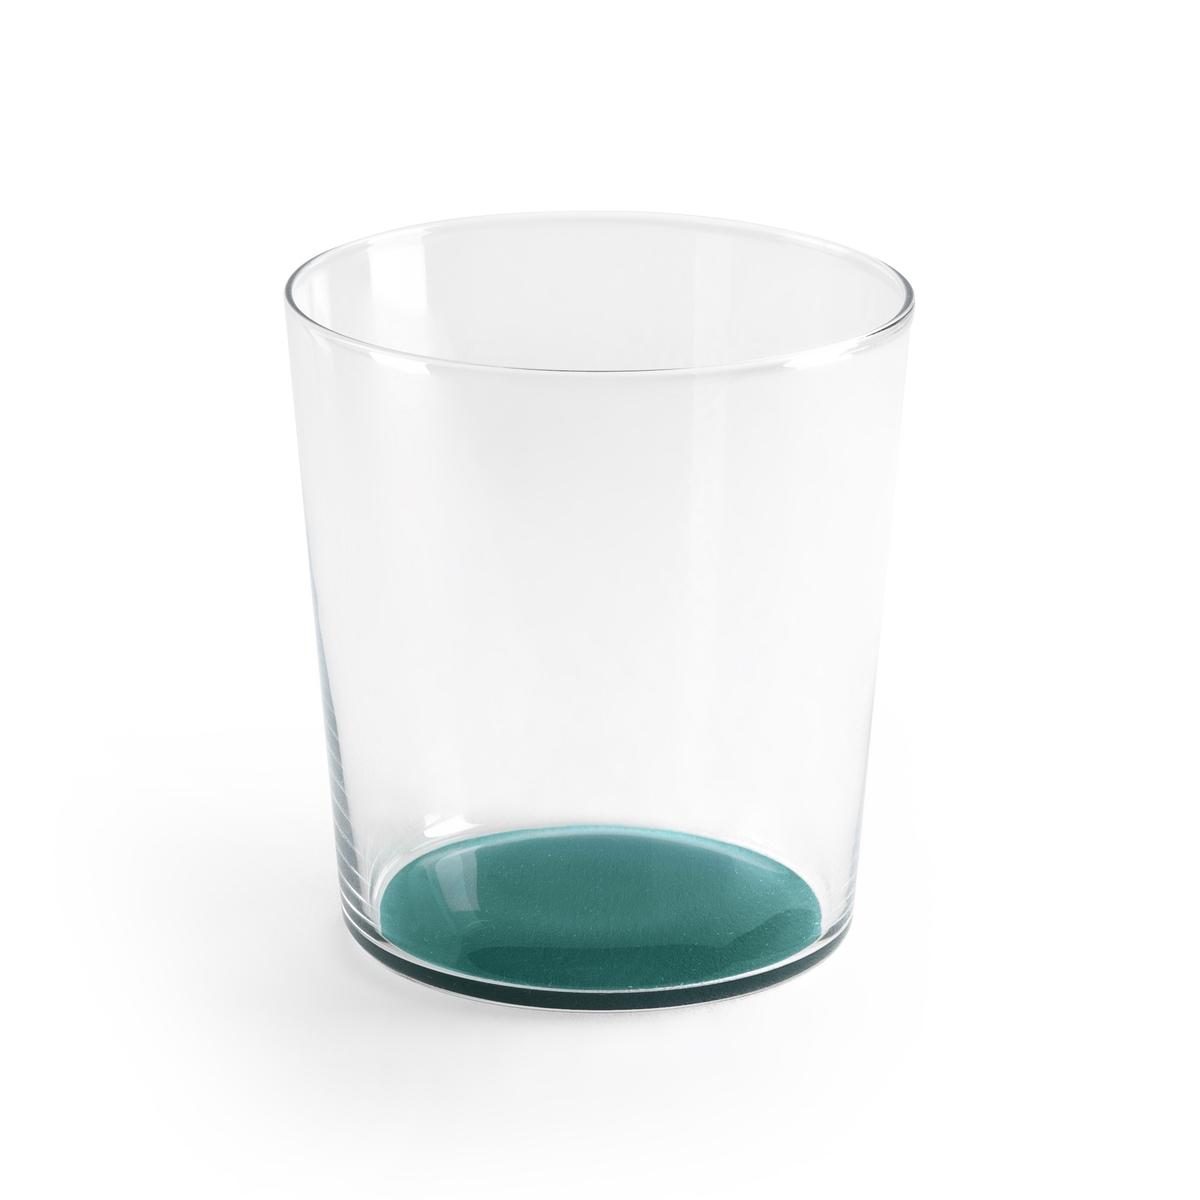 Бокал с цветным дном  LASIALE (4 шт.)Описание:4 бокала La Redoute Interieurs с цветным дном и прозрачными стенками для гармоничной композиции стола.Характеристики 4 бокалов  •  Правильная форма •  Цветное дно •  Подходит для мытья в посудомоечной машинеРазмеры 4 бокалов: •  Диаметр 8,5 см •  Высота 9,2 см  •  Объем: 355 млВсю коллекцию столового декора вы найдете на сайте laredoute.<br><br>Цвет: голубой,зеленый,синий морской